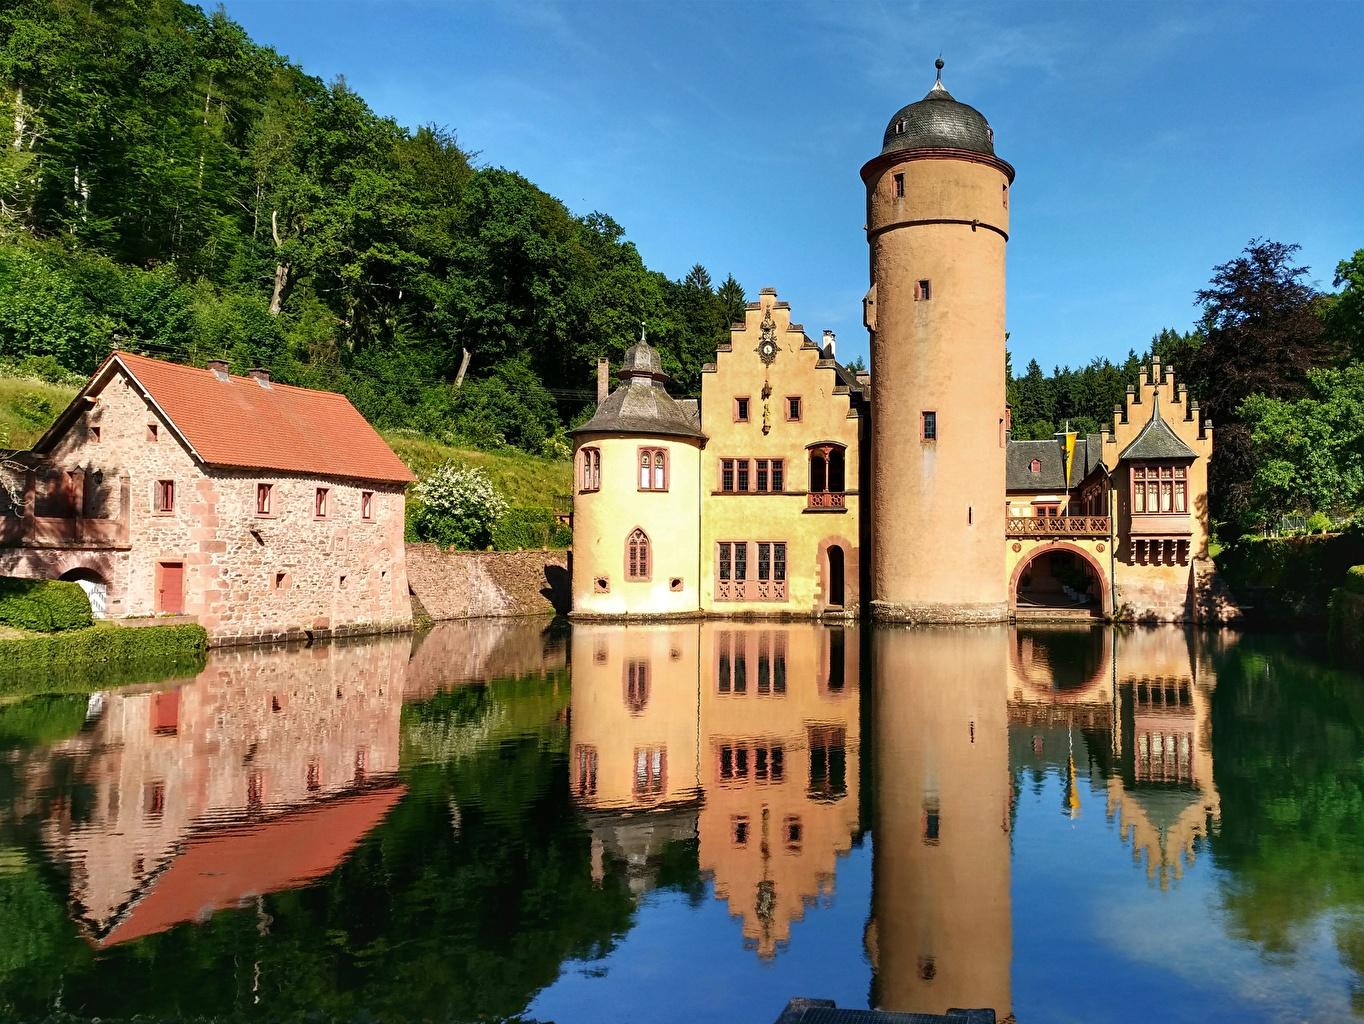 Картинка Германия Башня Mespelbrunn Castle, Alsava River Замки Отражение река город башни замок отражении отражается Реки речка Города